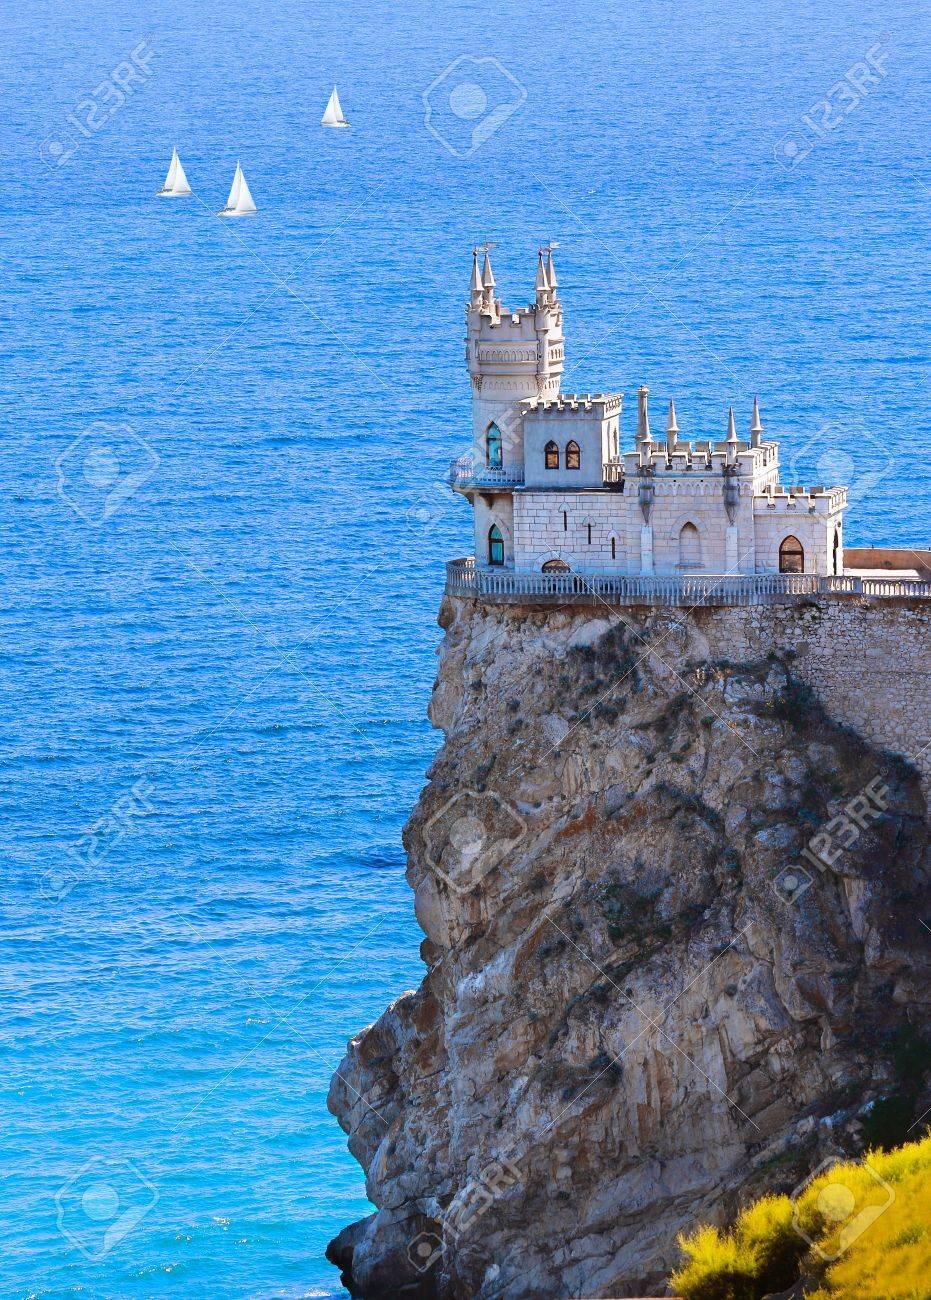 Chateau Nid D Hirondelle Sur Fond Bleu Marine Crimee Ukraine